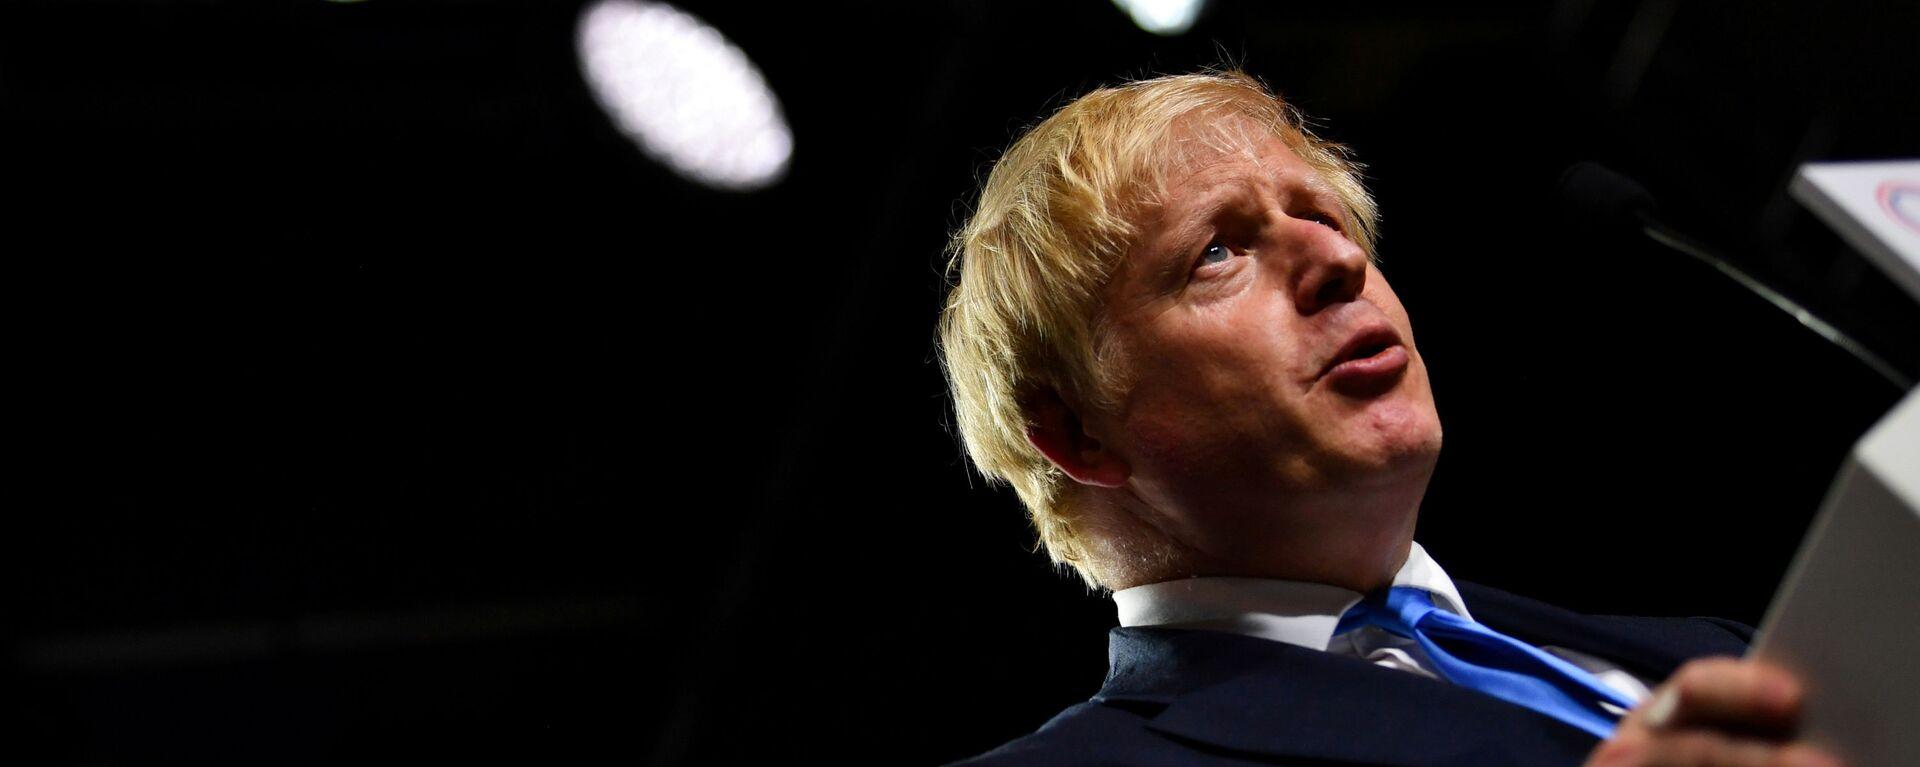 Britský premiér Boris Johnson - Sputnik Česká republika, 1920, 25.05.2021